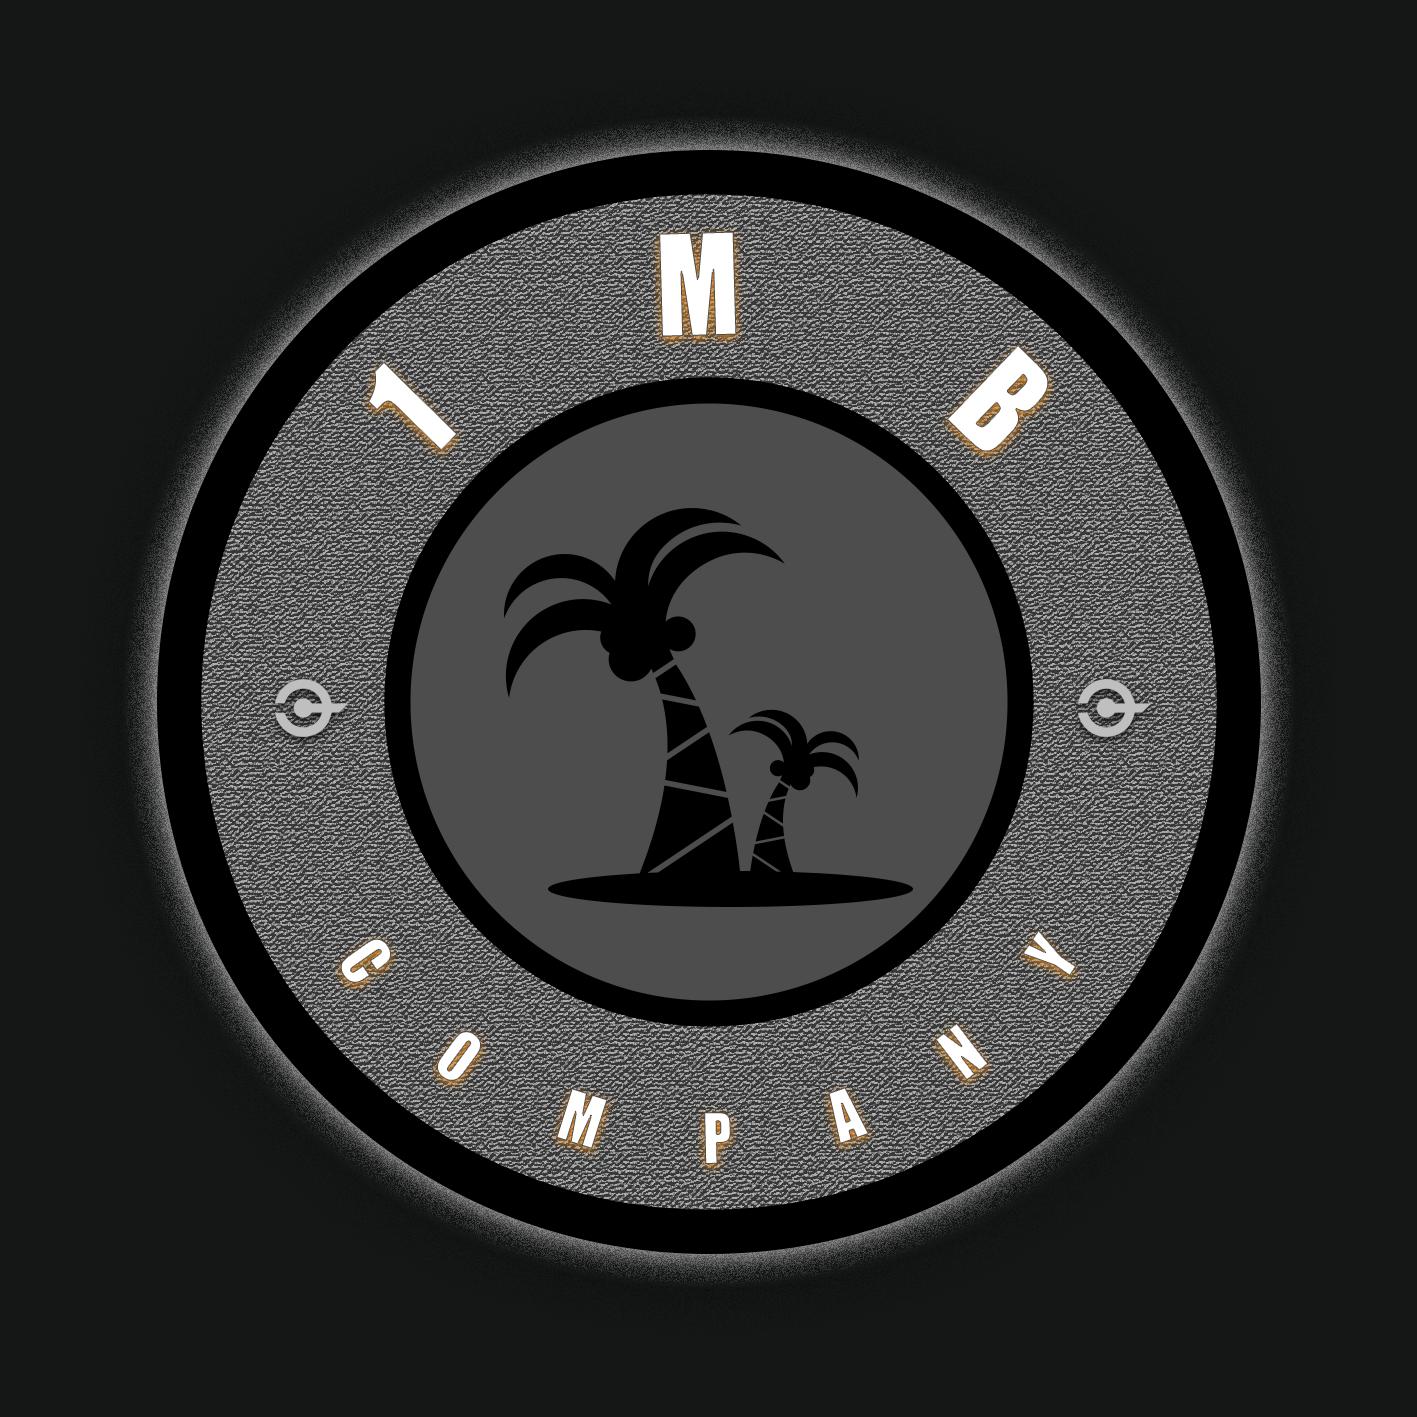 1MB - logo